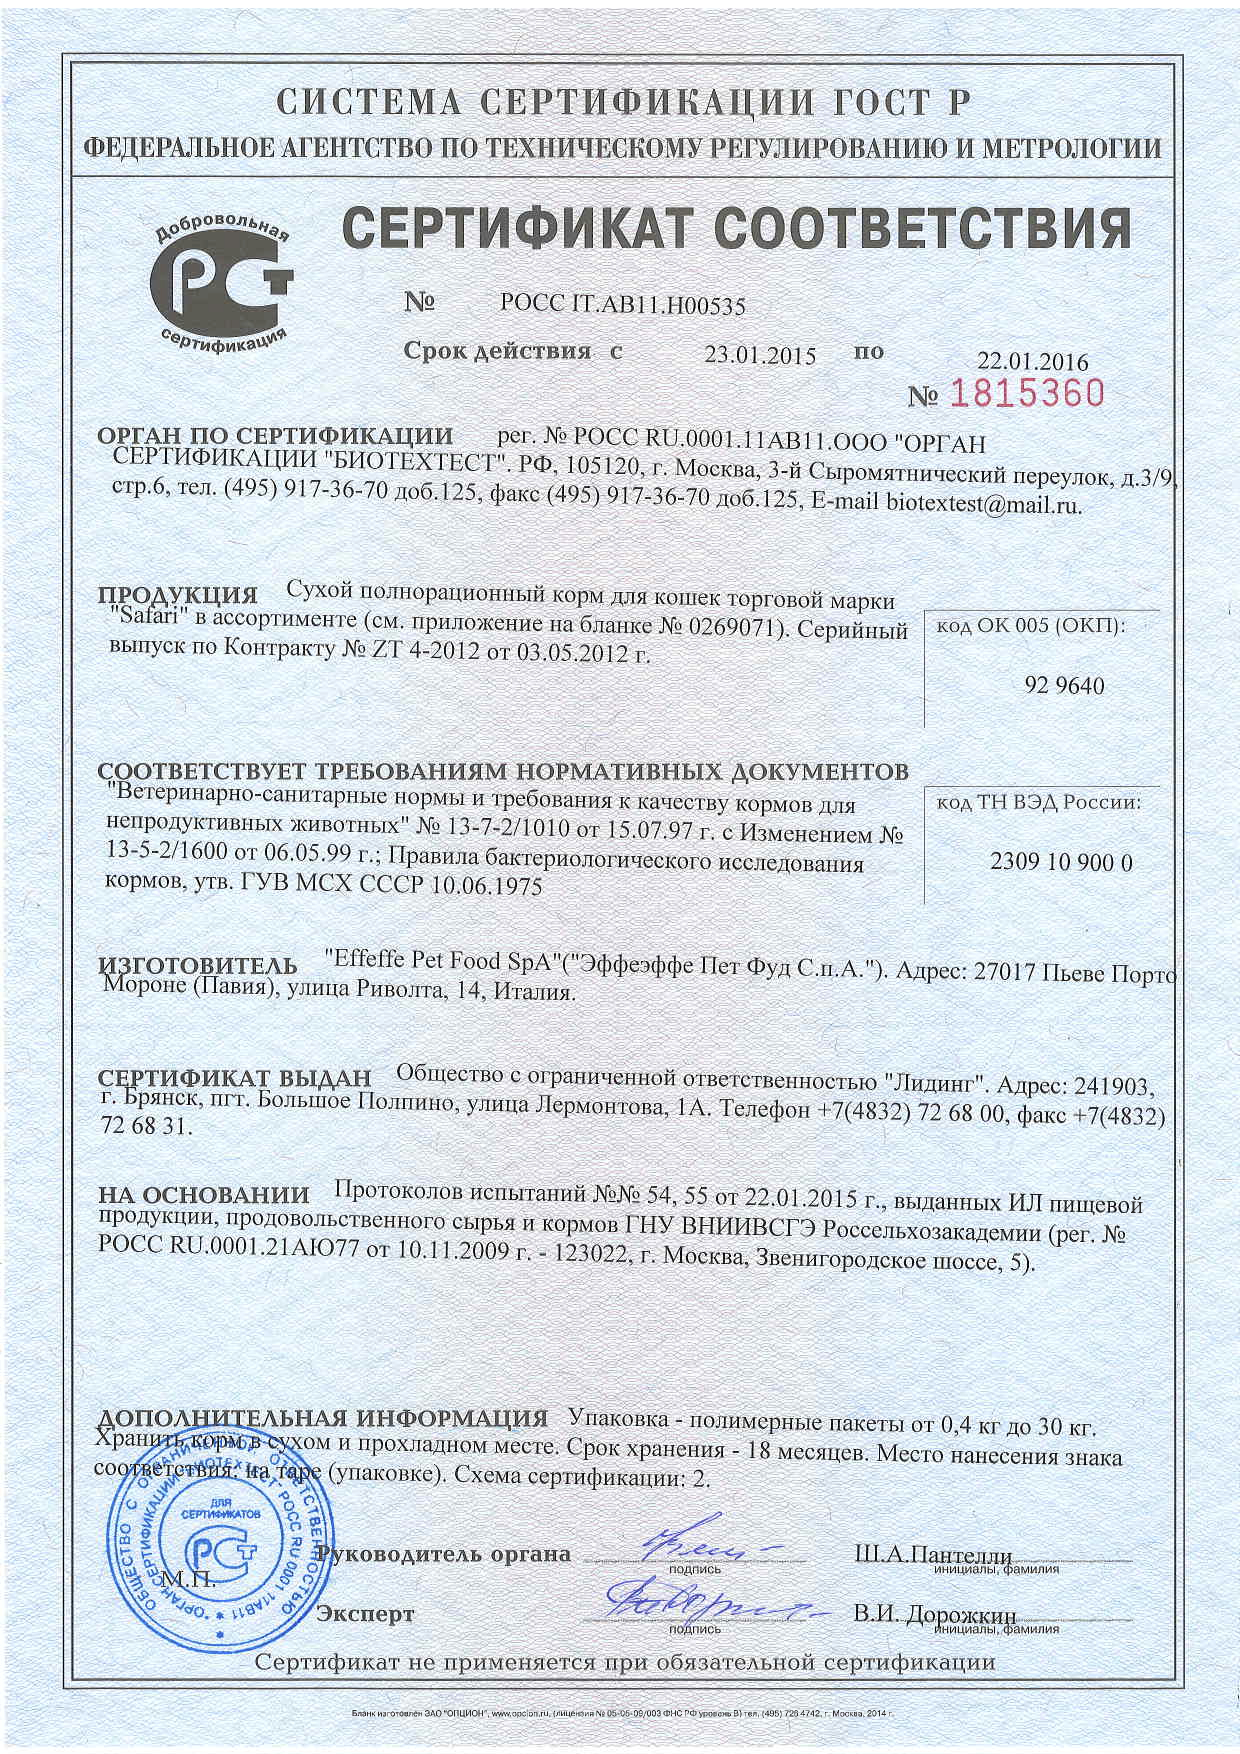 9.что такое схема сертификации